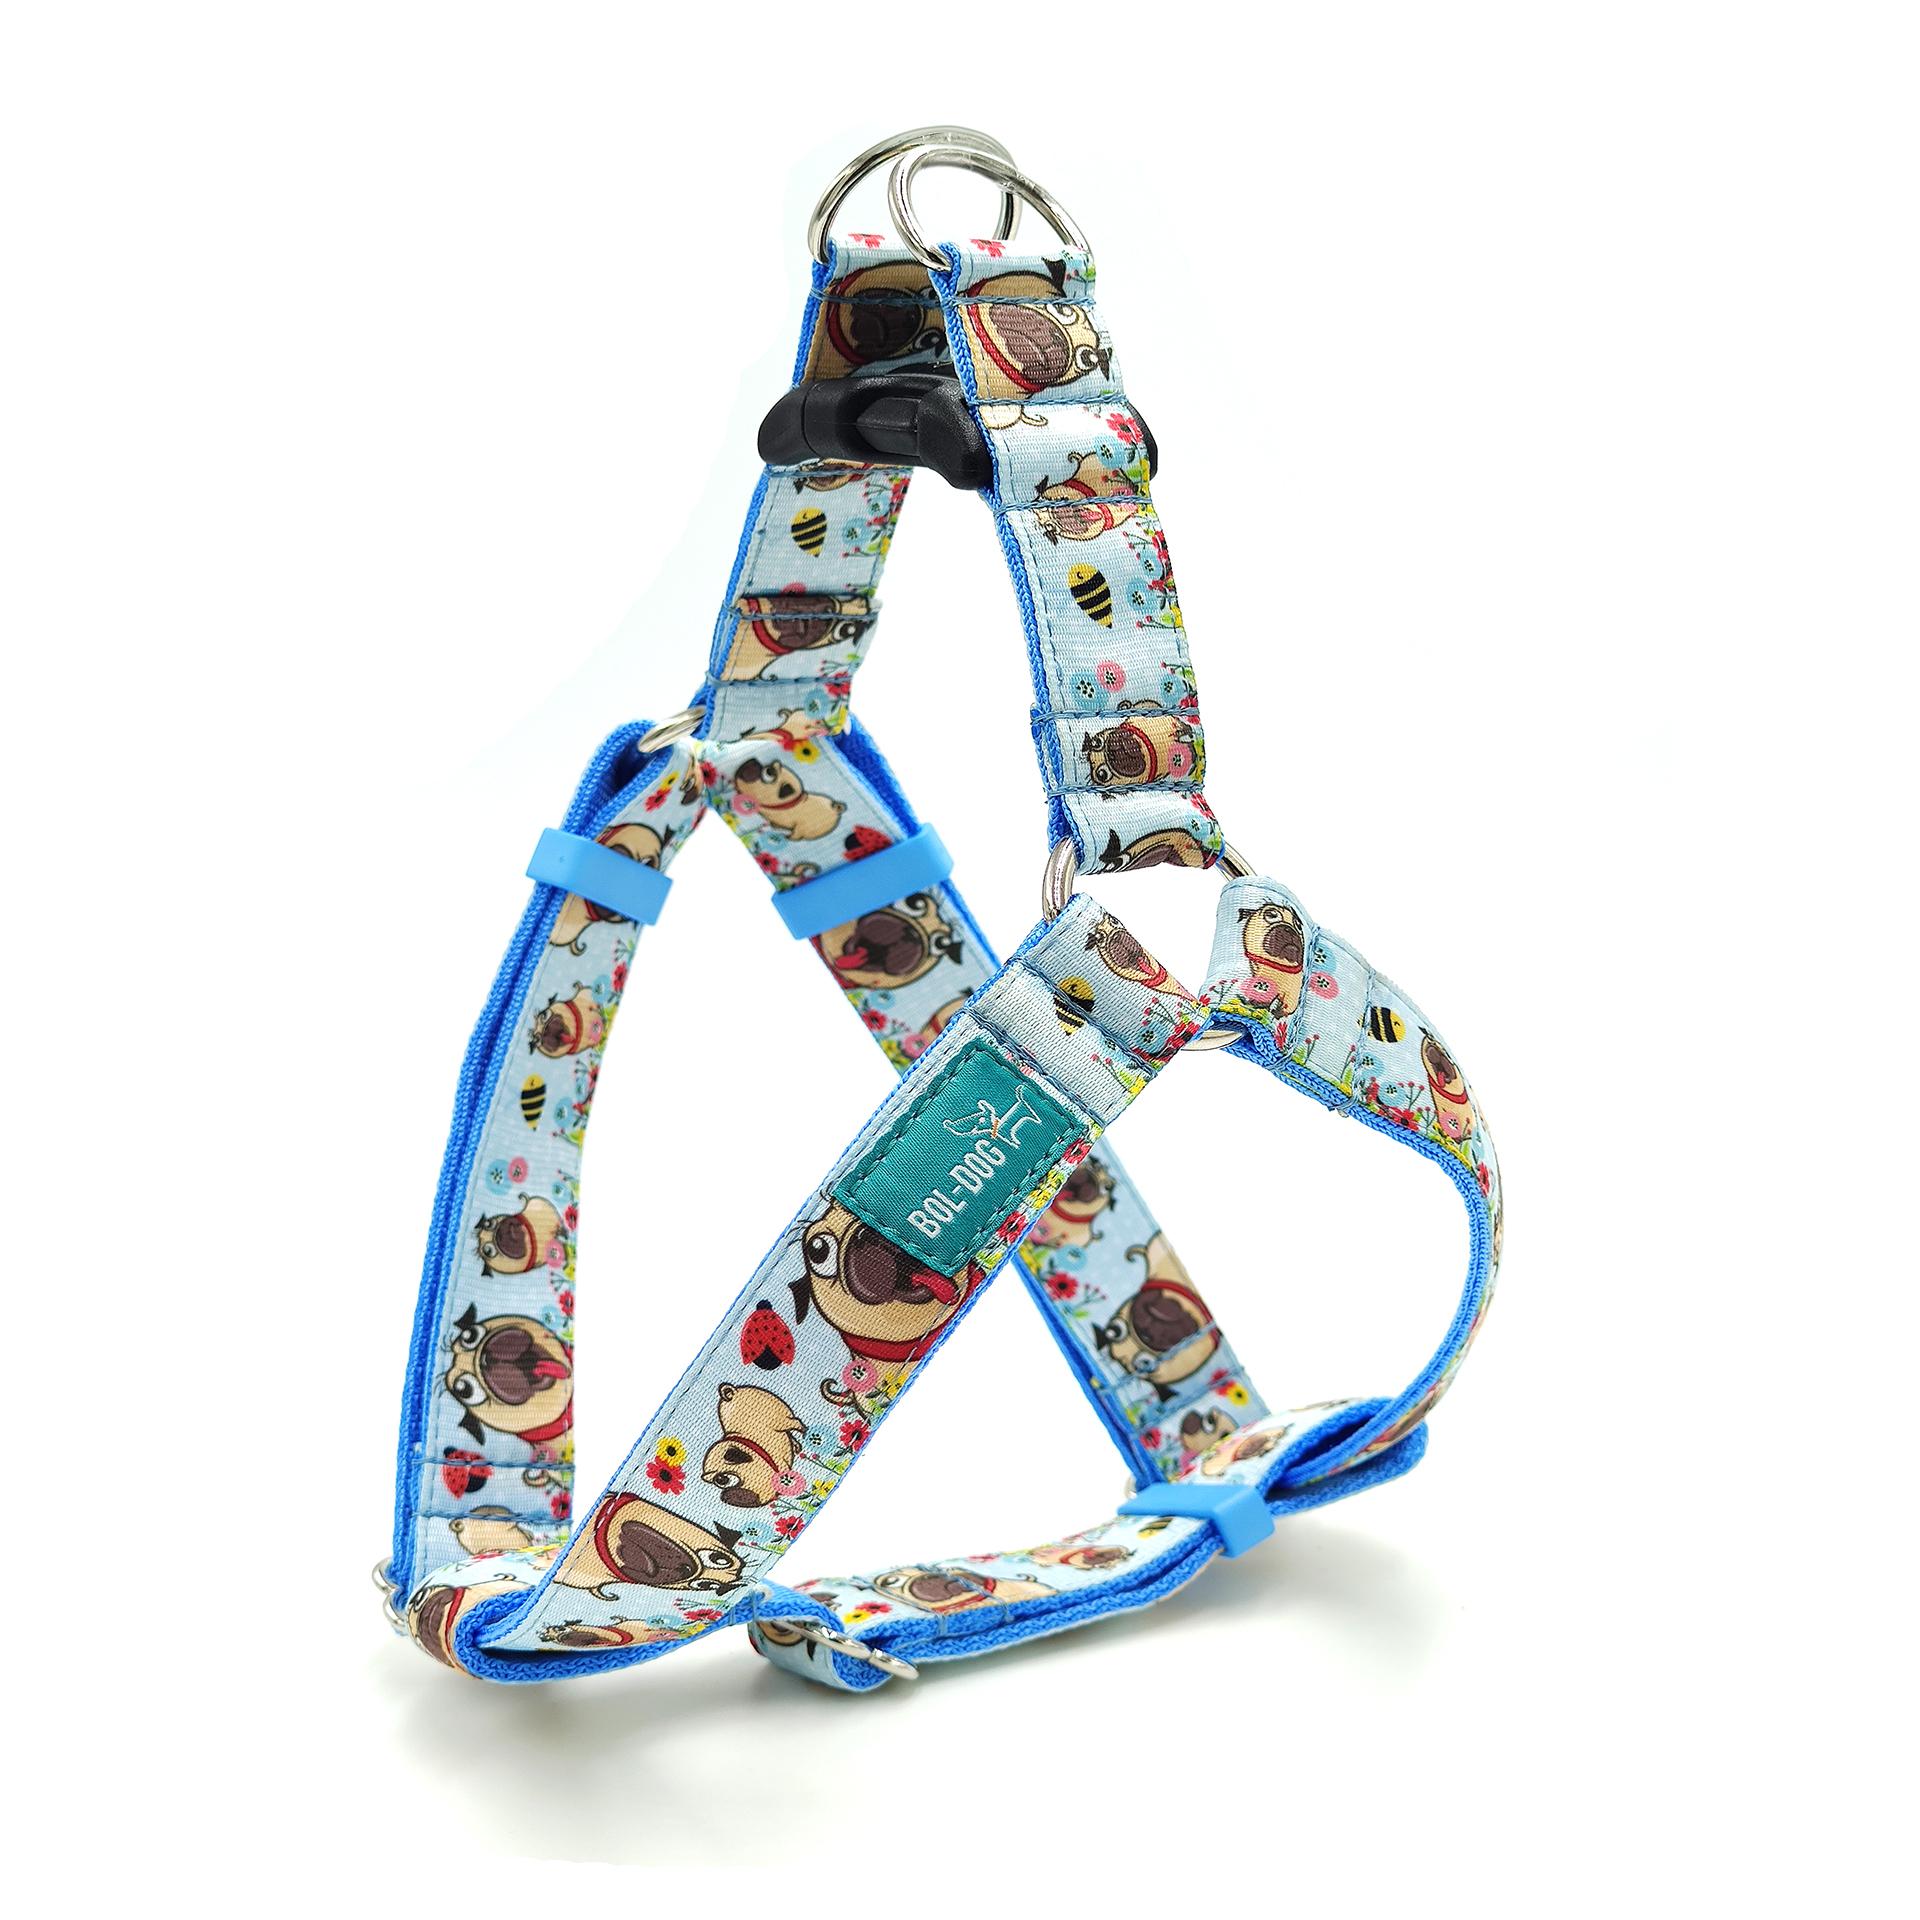 Pug dog harness